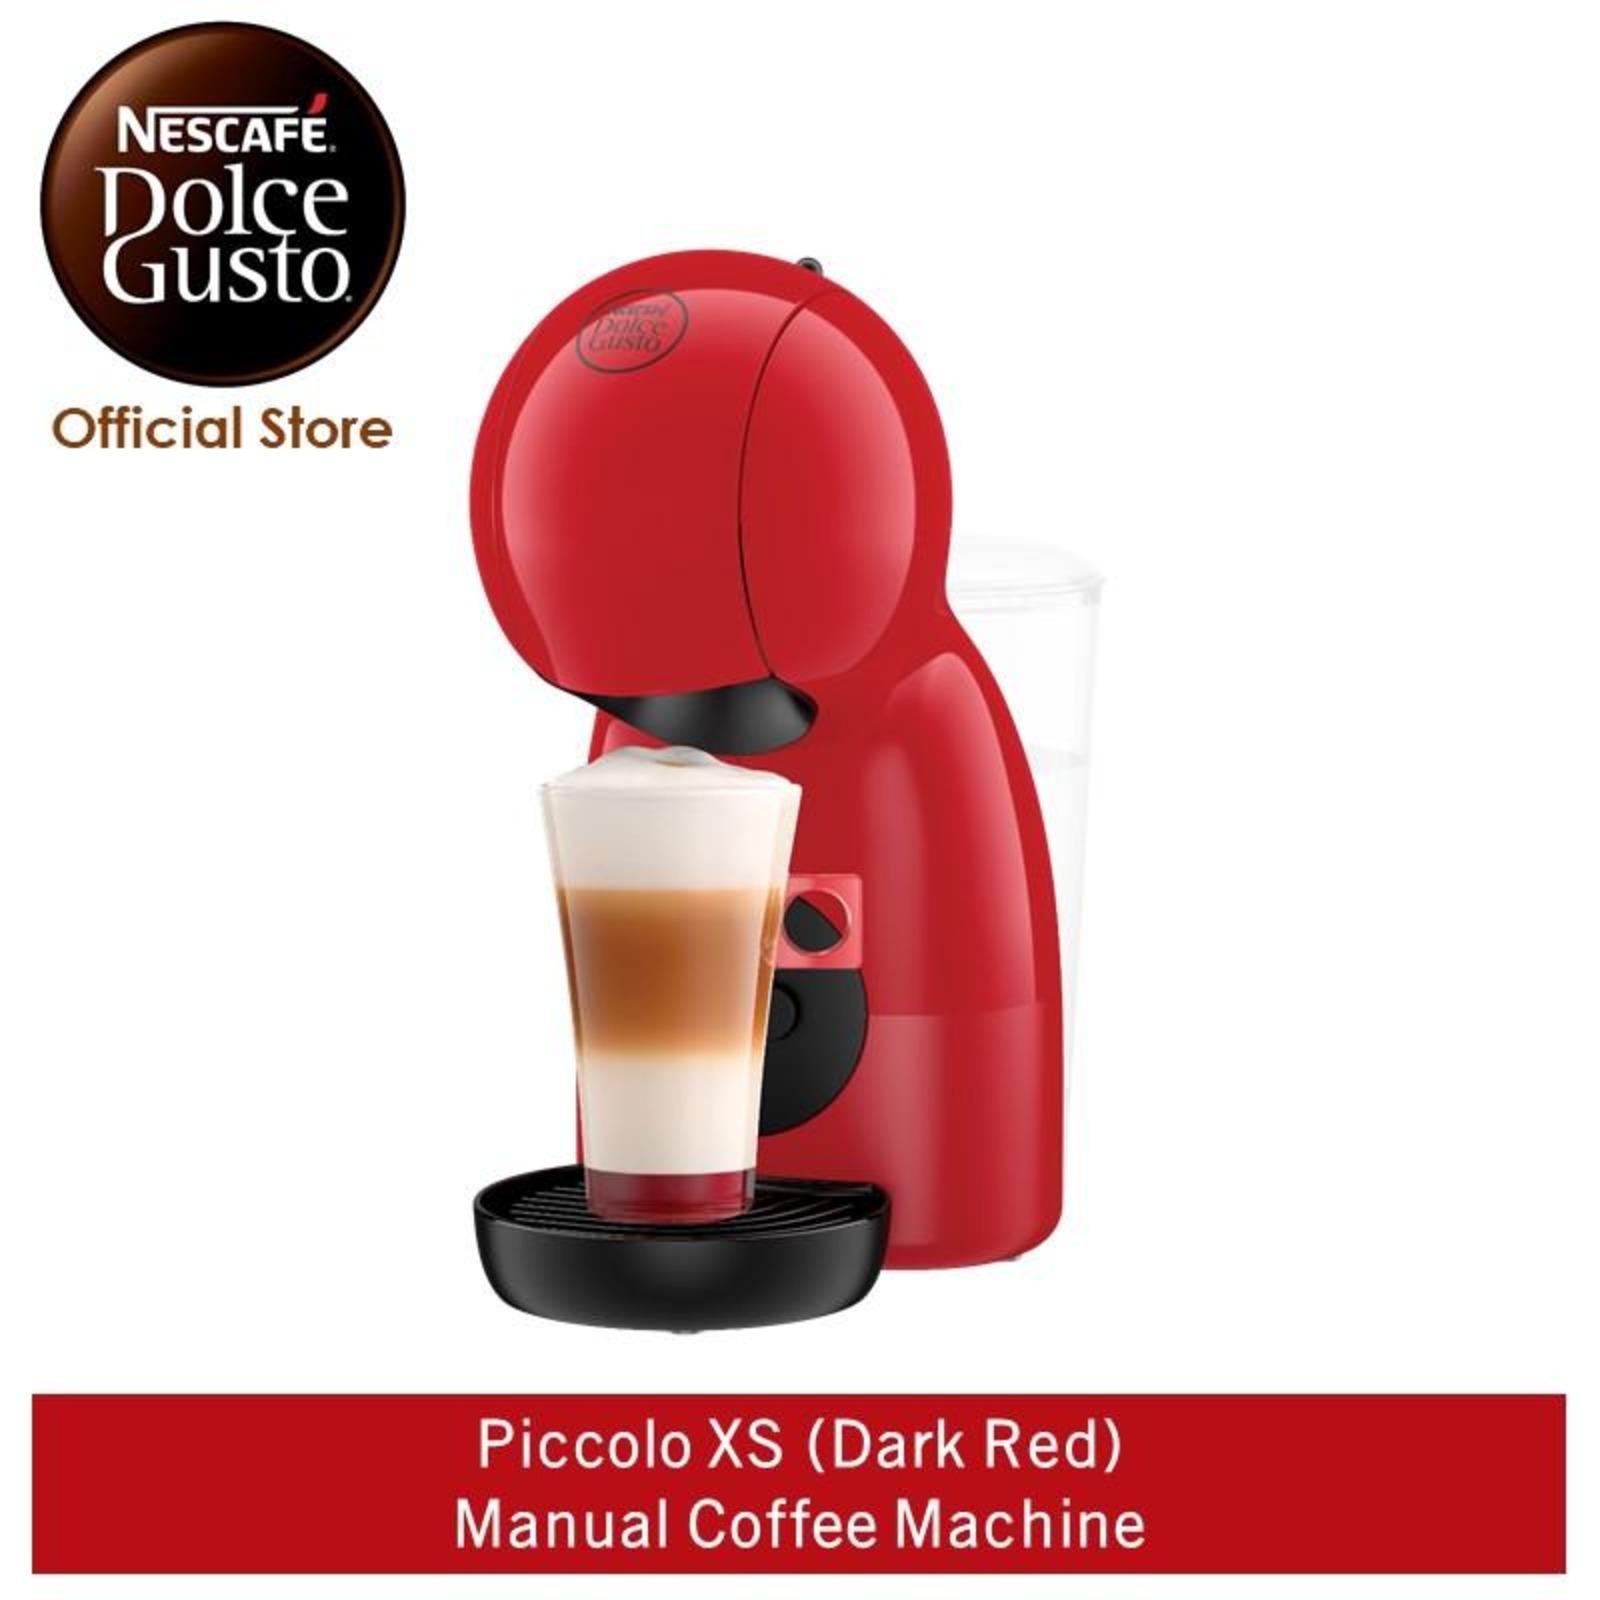 NESCAFE Dolce Gusto PiccoloXS Manual Coffee Machine - Dark Re